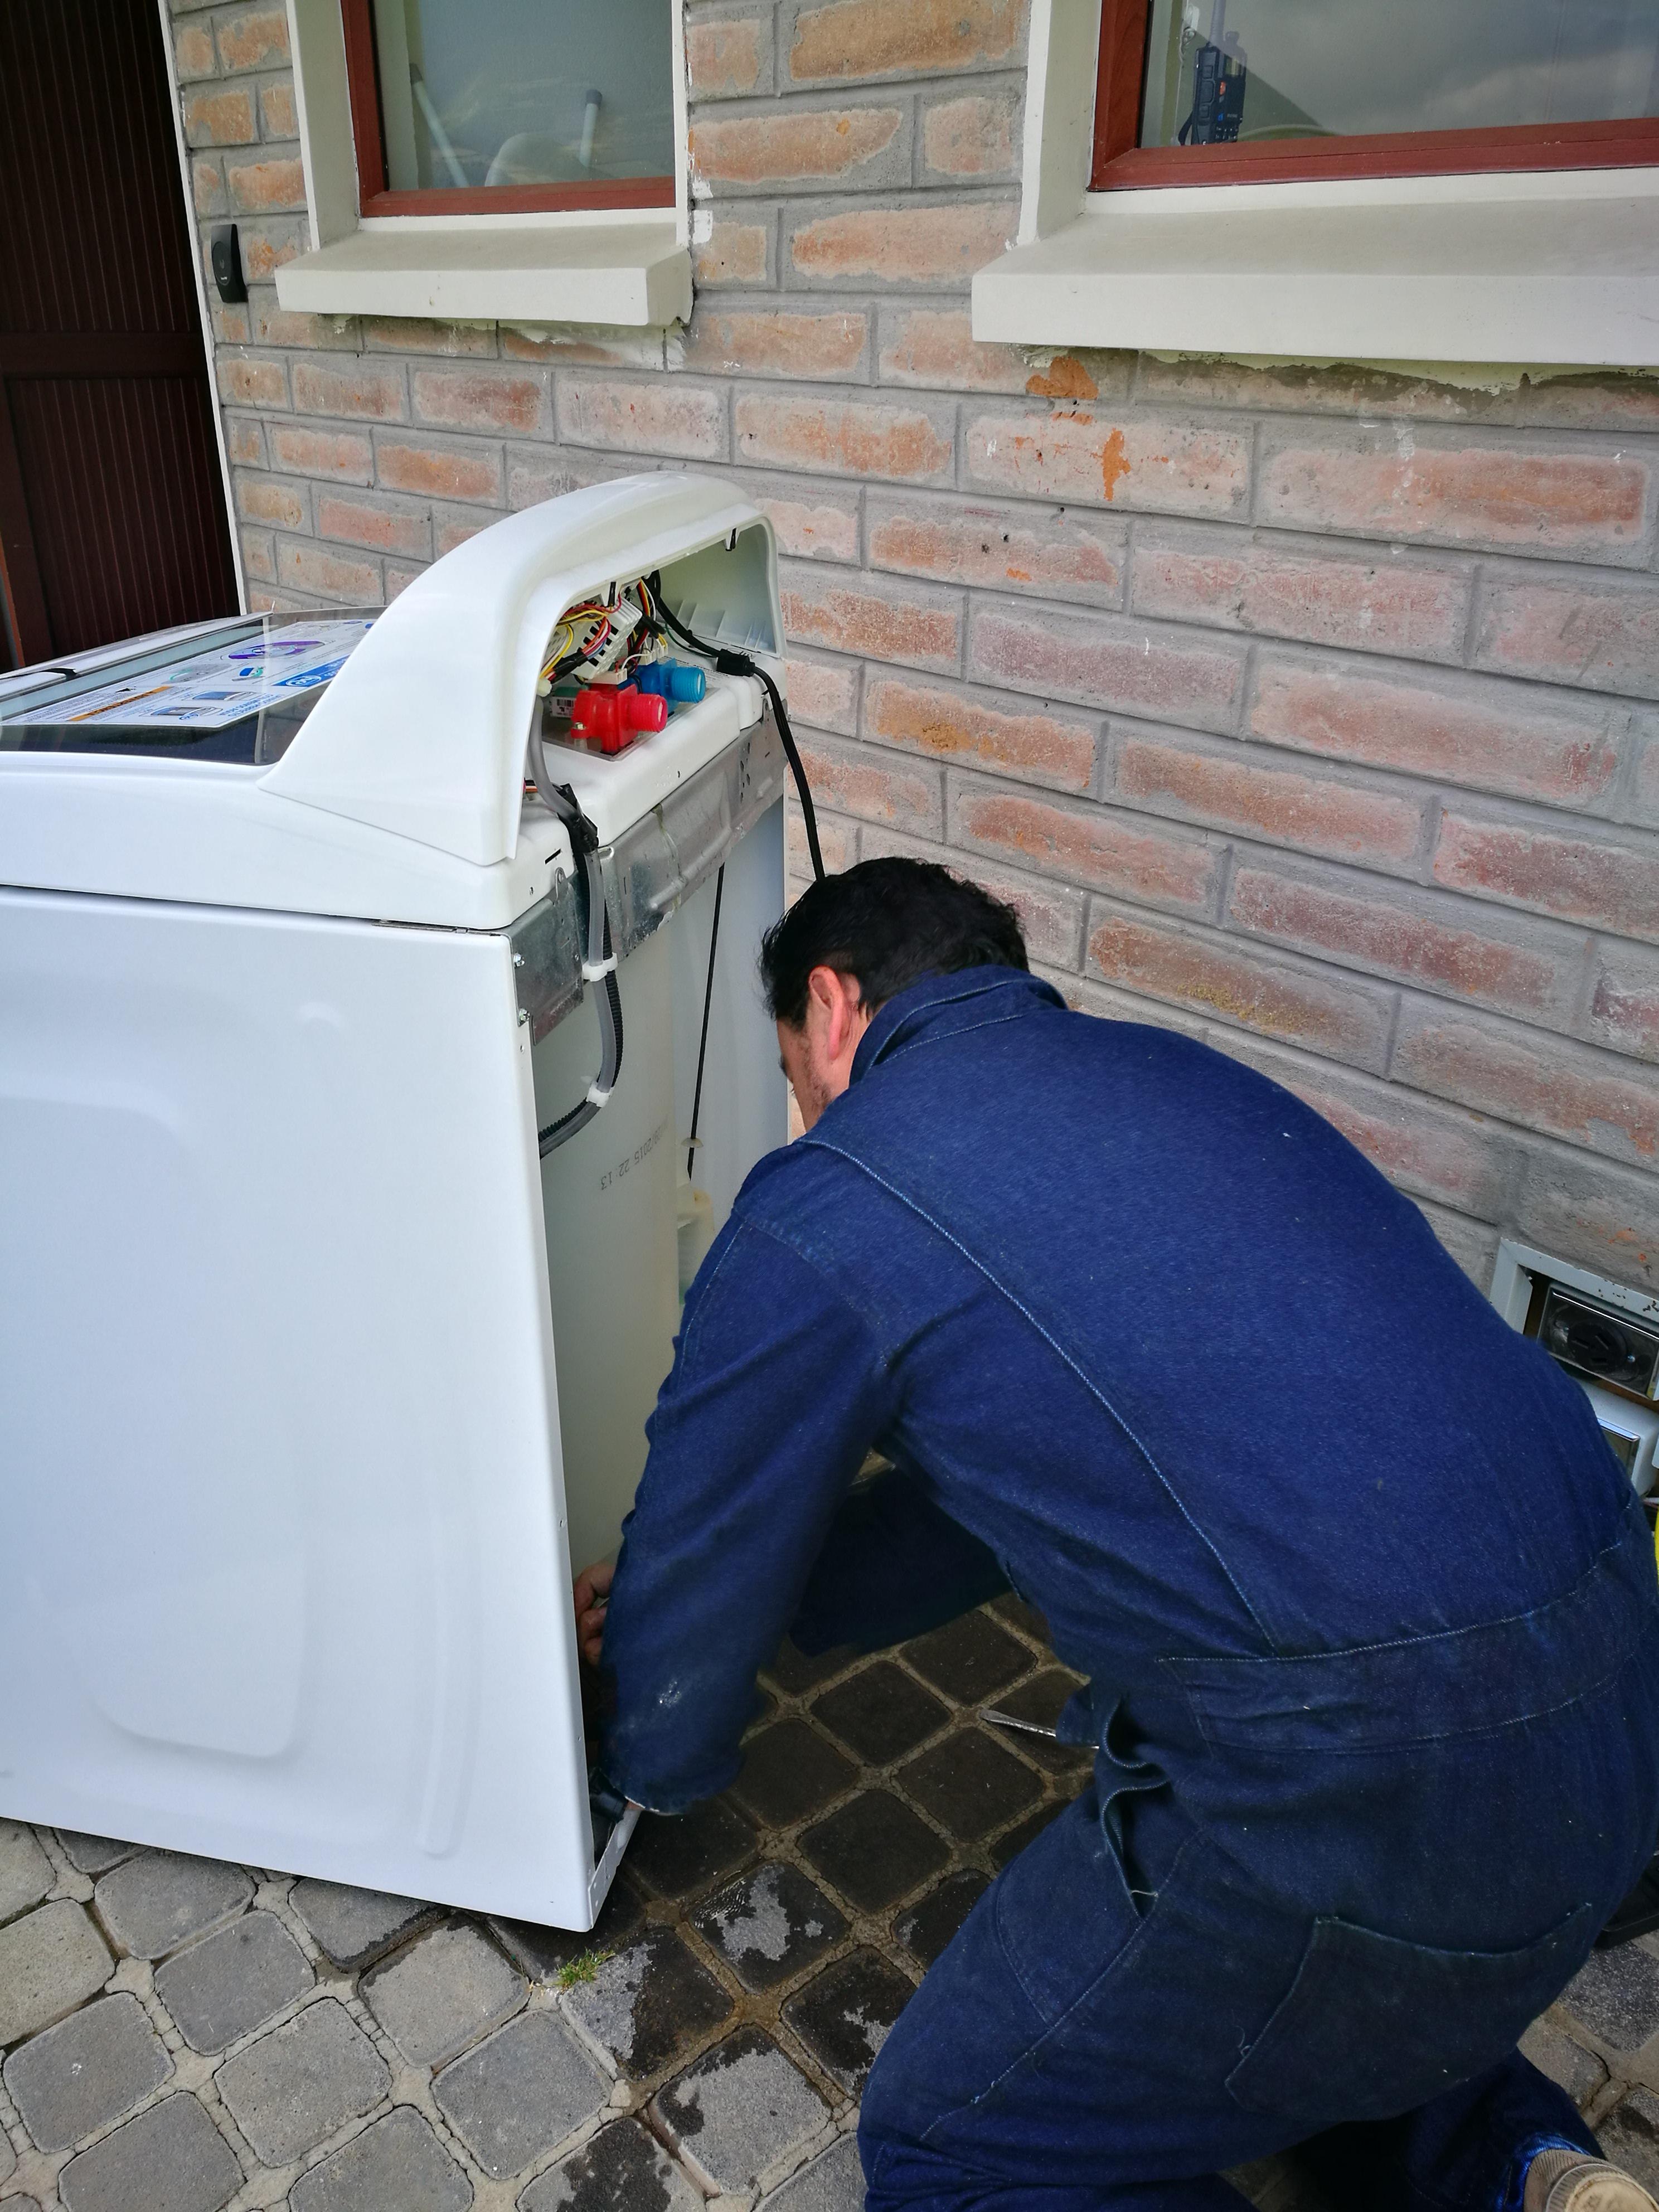 Mantenimiento reparación y servicio técnico de lavadoras